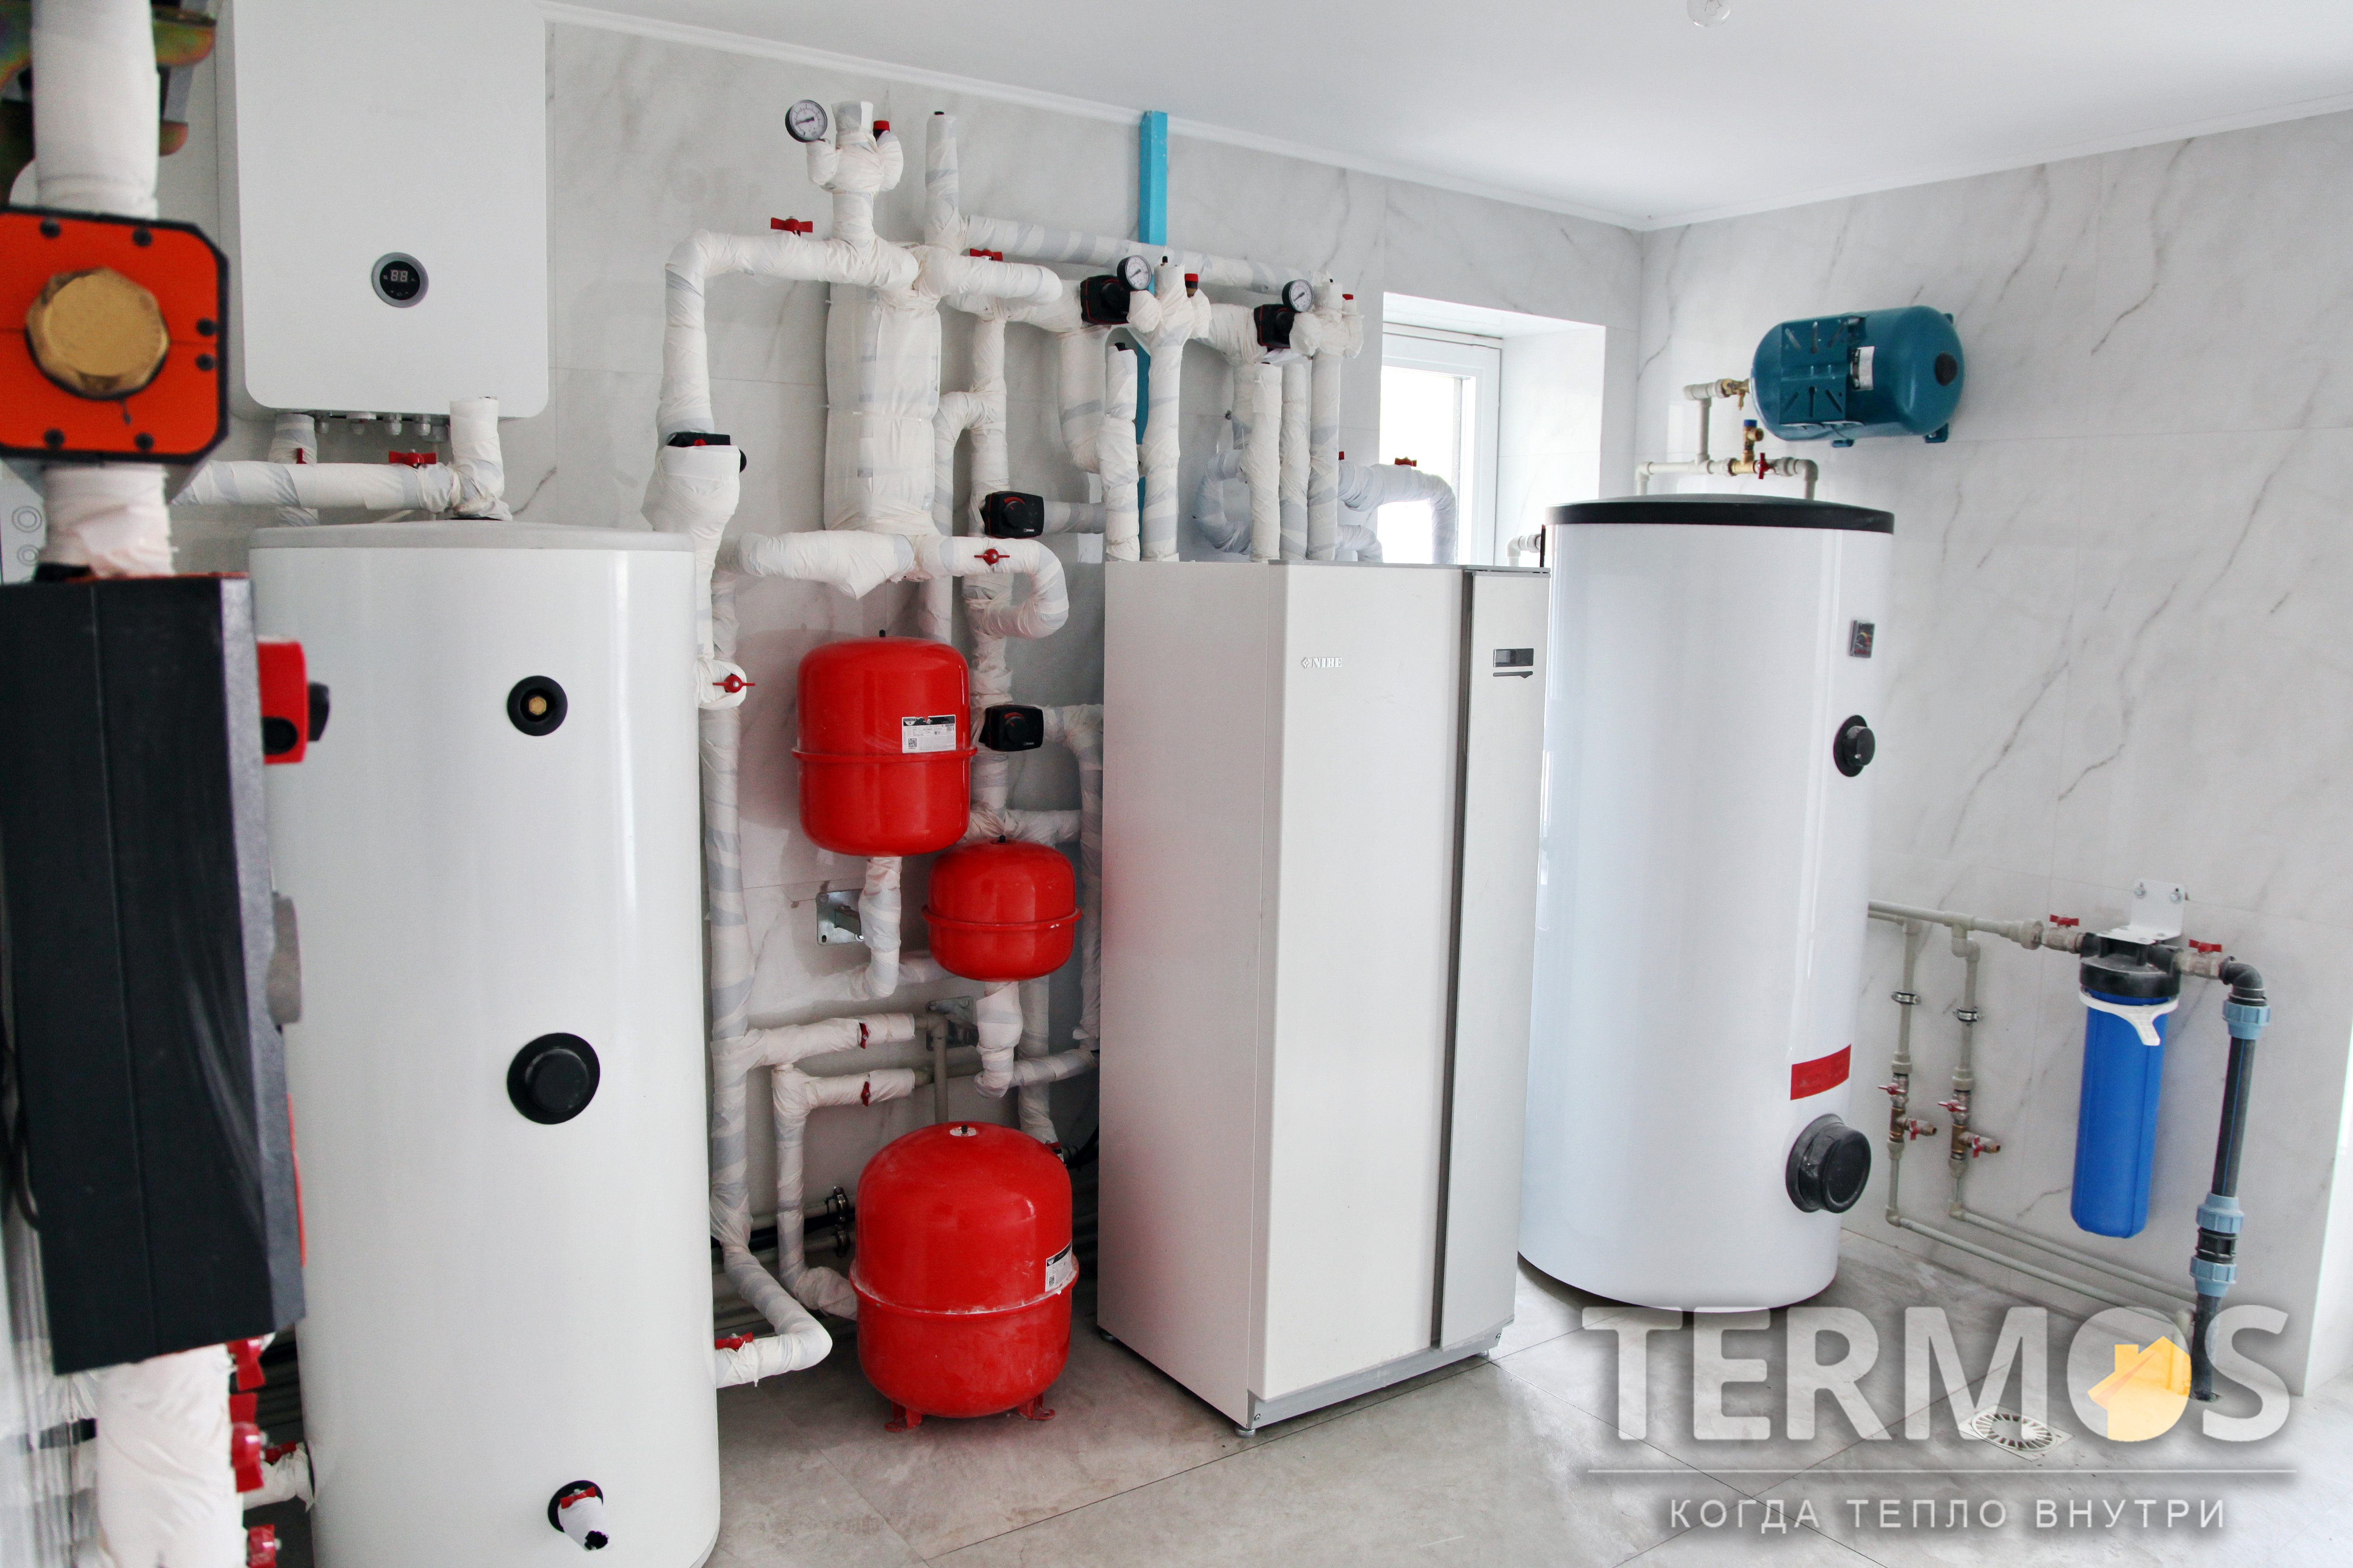 Функции пассивного и при необходимости, активного охлаждения, в автоматическом режиме